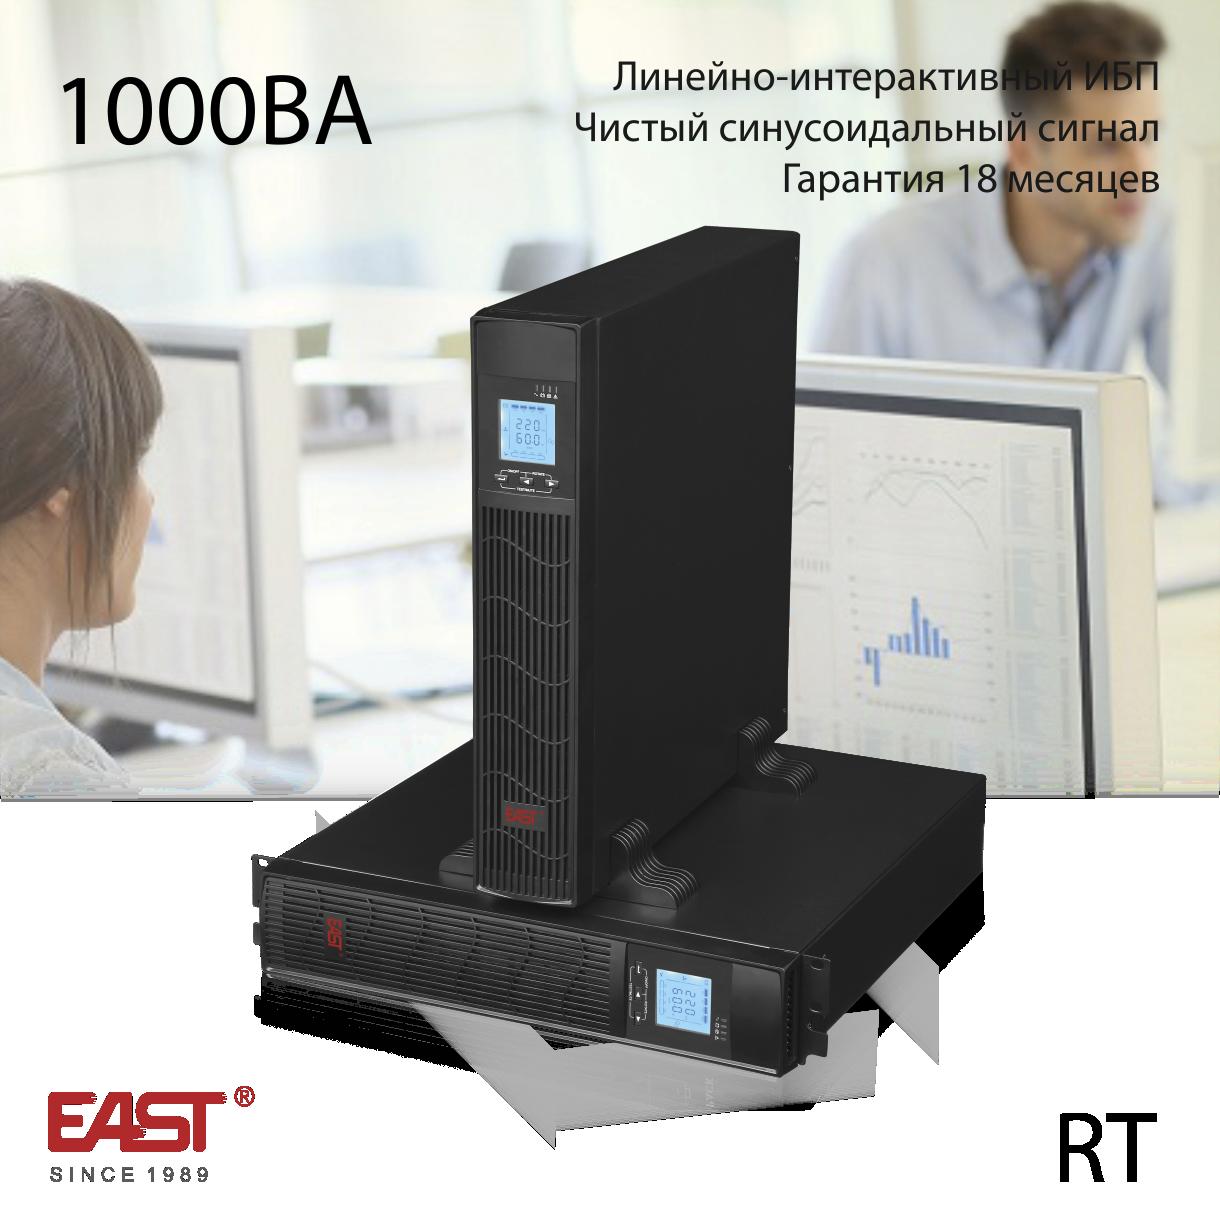 ИБП EA600 RT, 1000ВА/800Вт, в универсальном корпусе RT (башня/стойка)